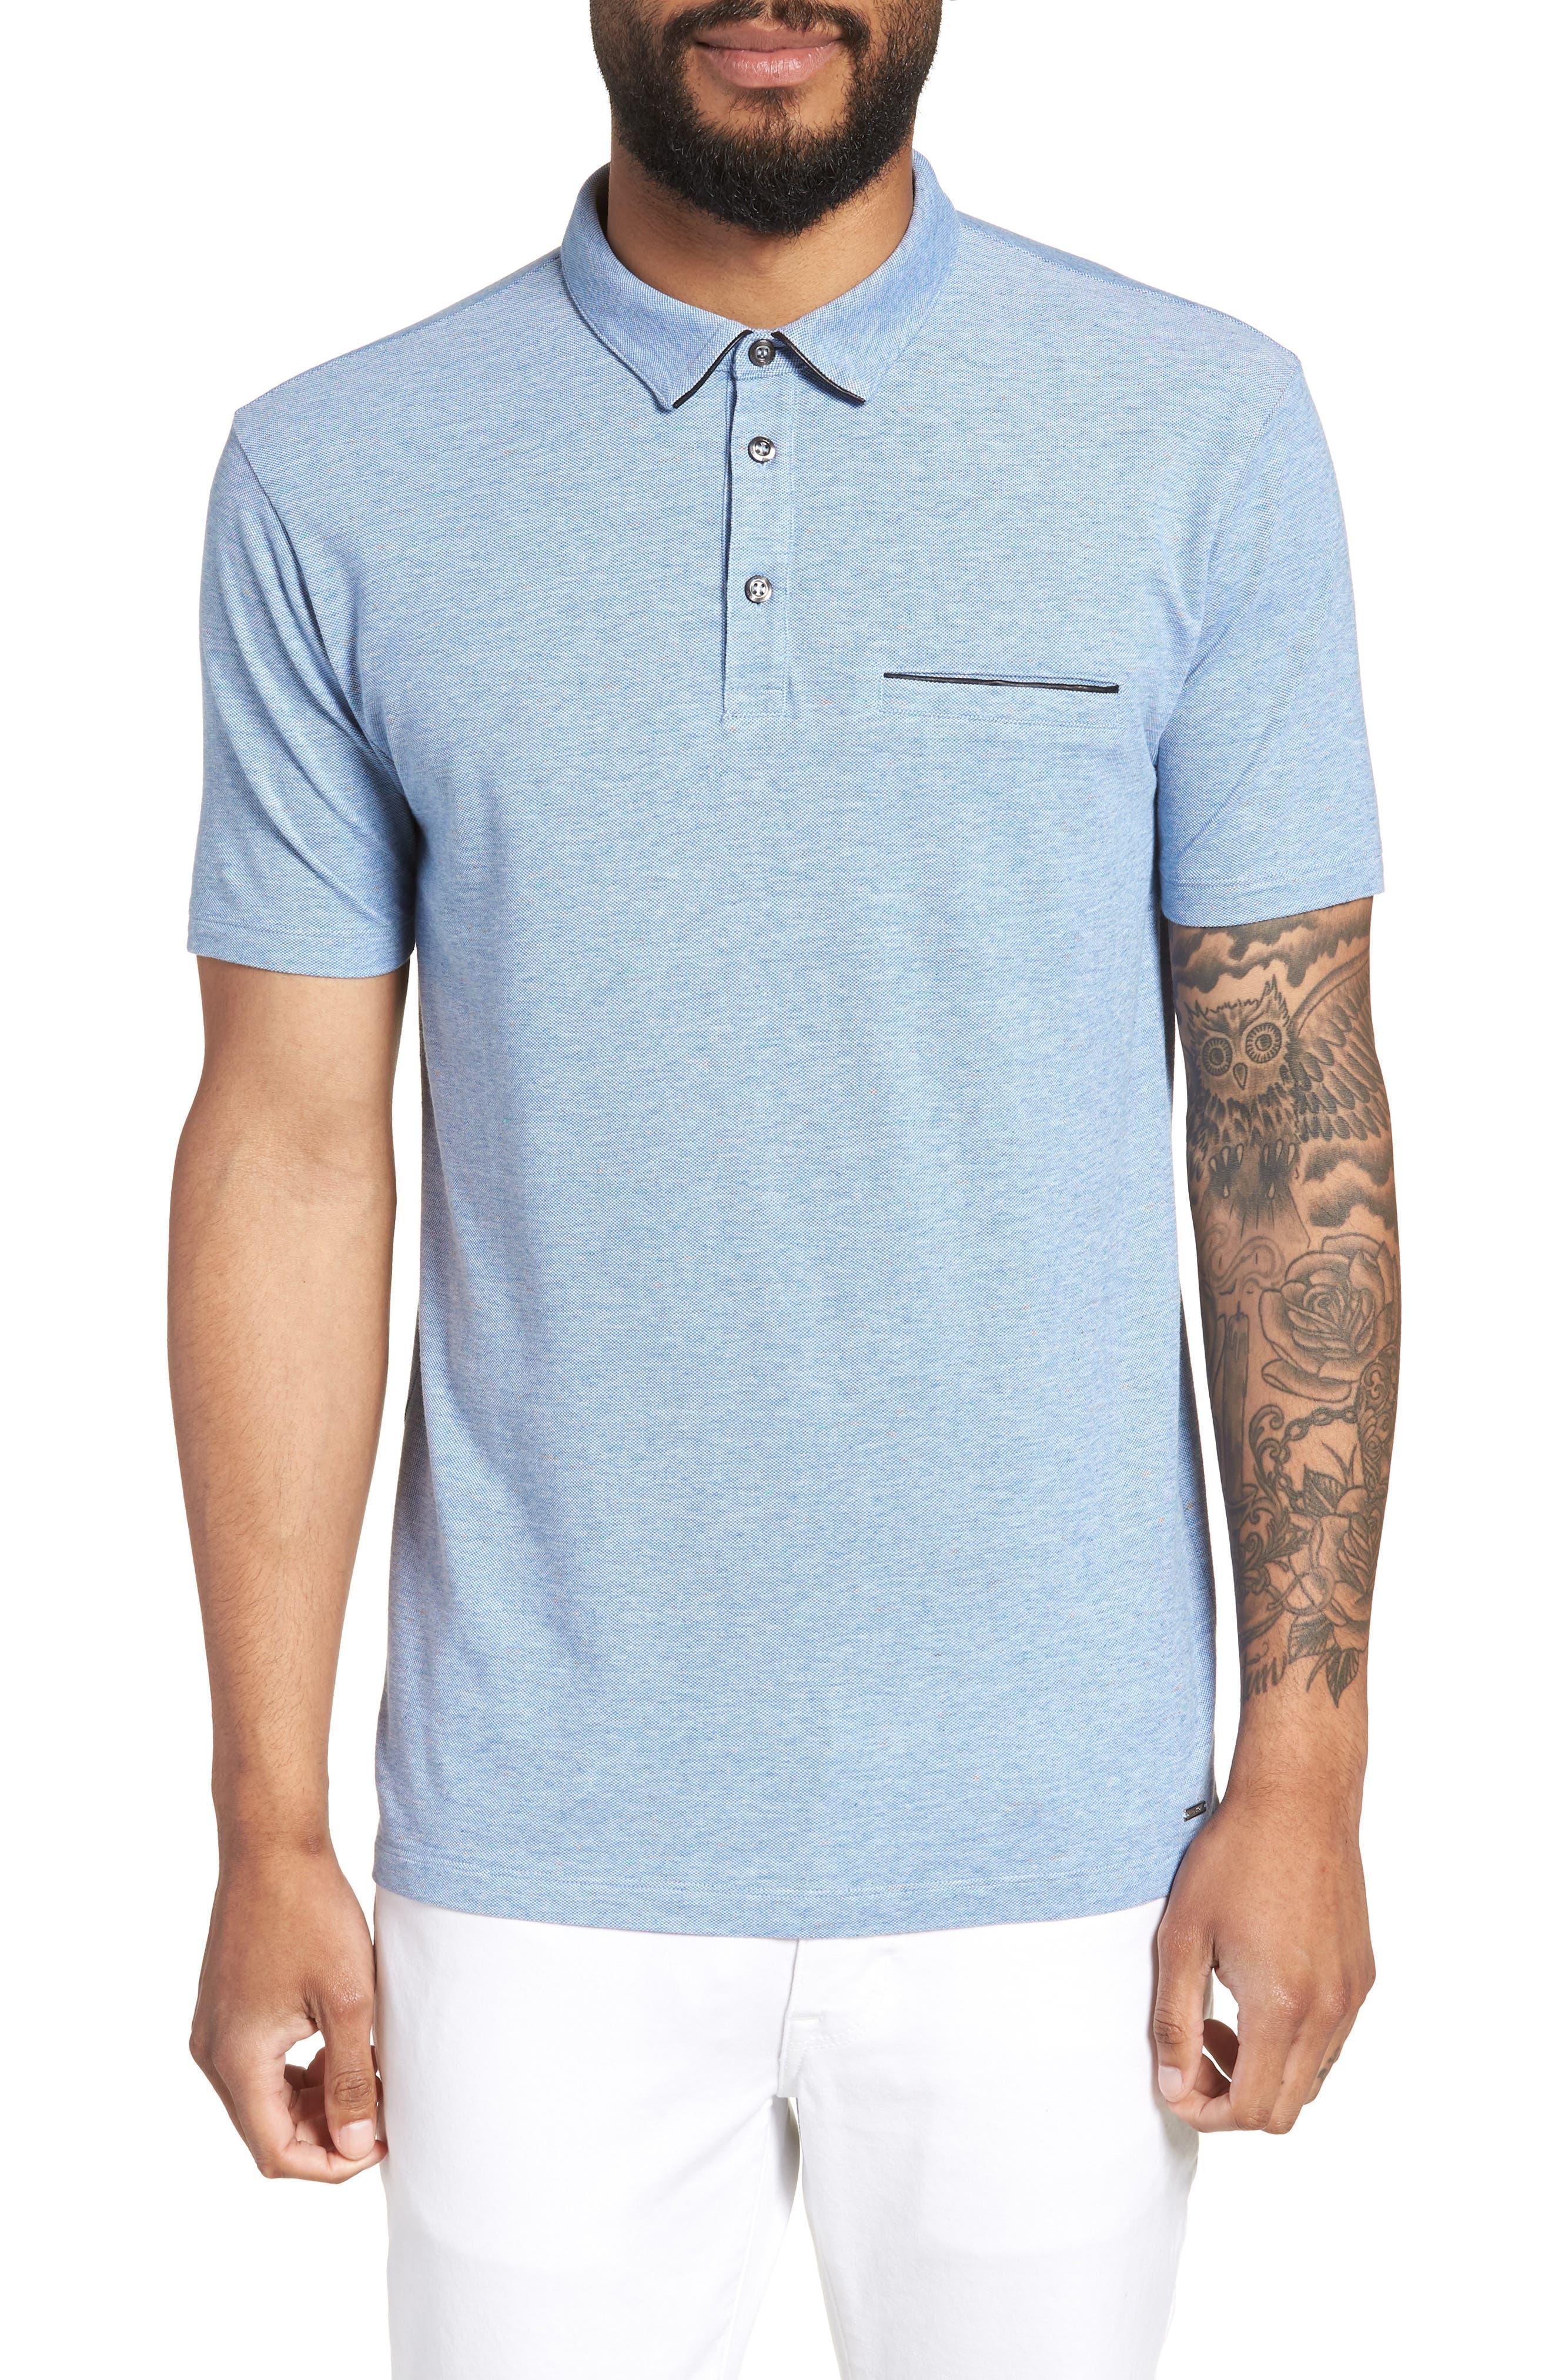 Darrow Cotton Polo Shirt,                             Main thumbnail 1, color,                             Blue